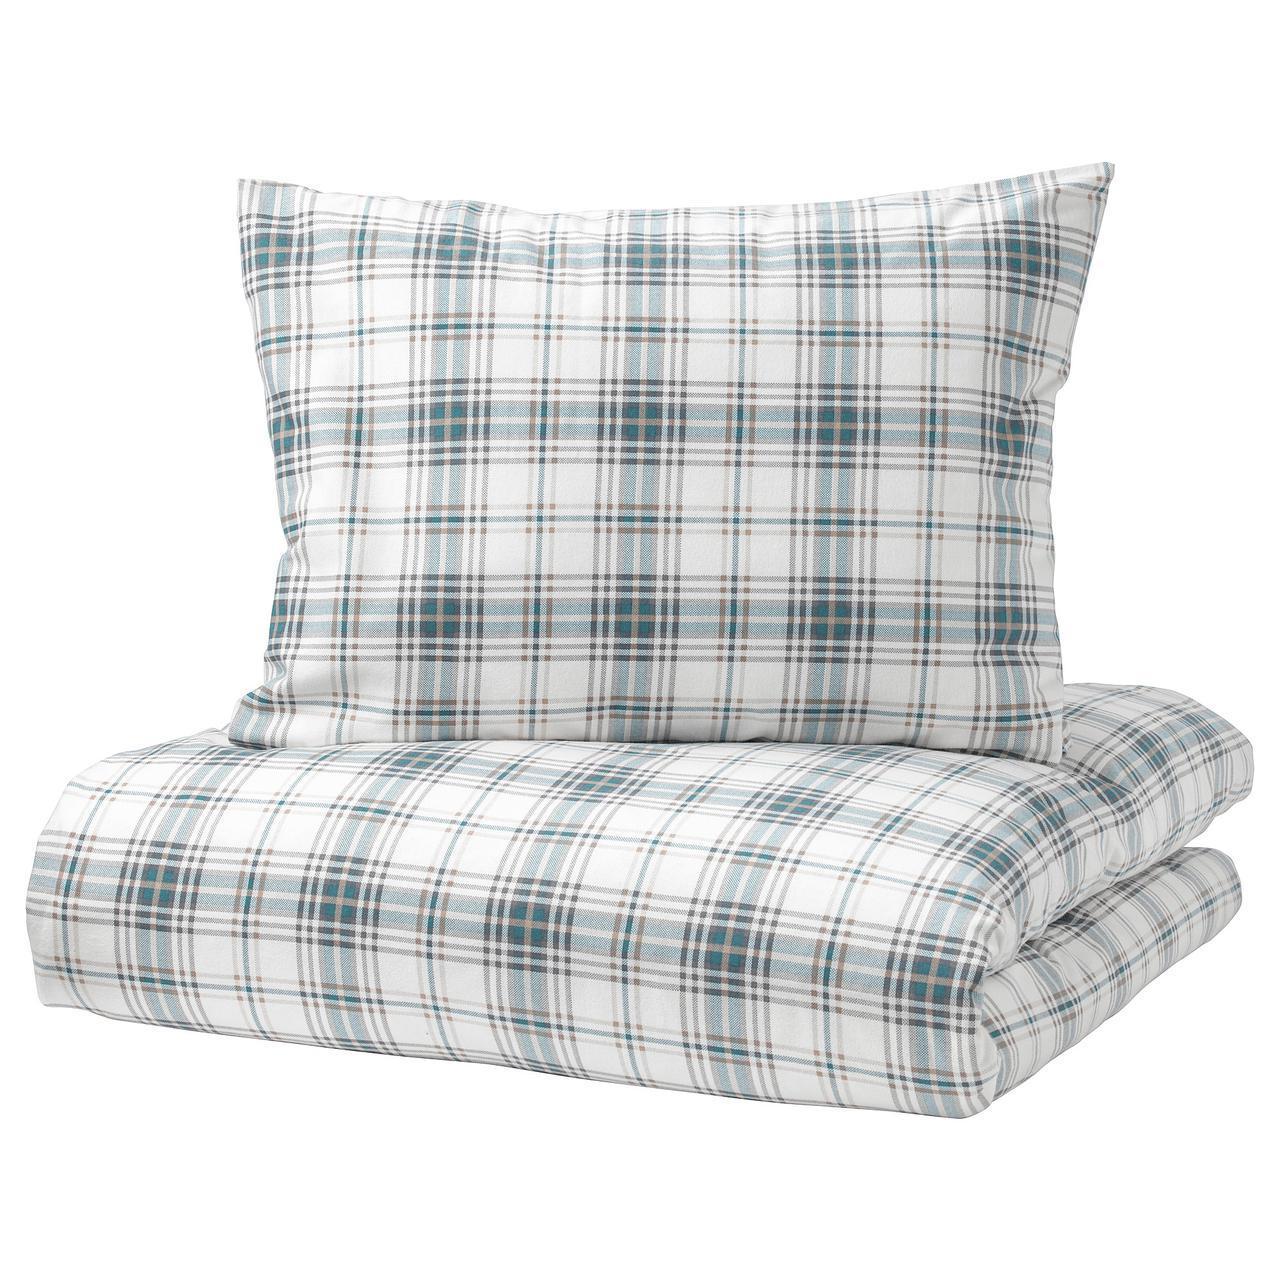 Комплект постельного белья IKEA NORDRUTA 200х200 см белый синий 803.798.61